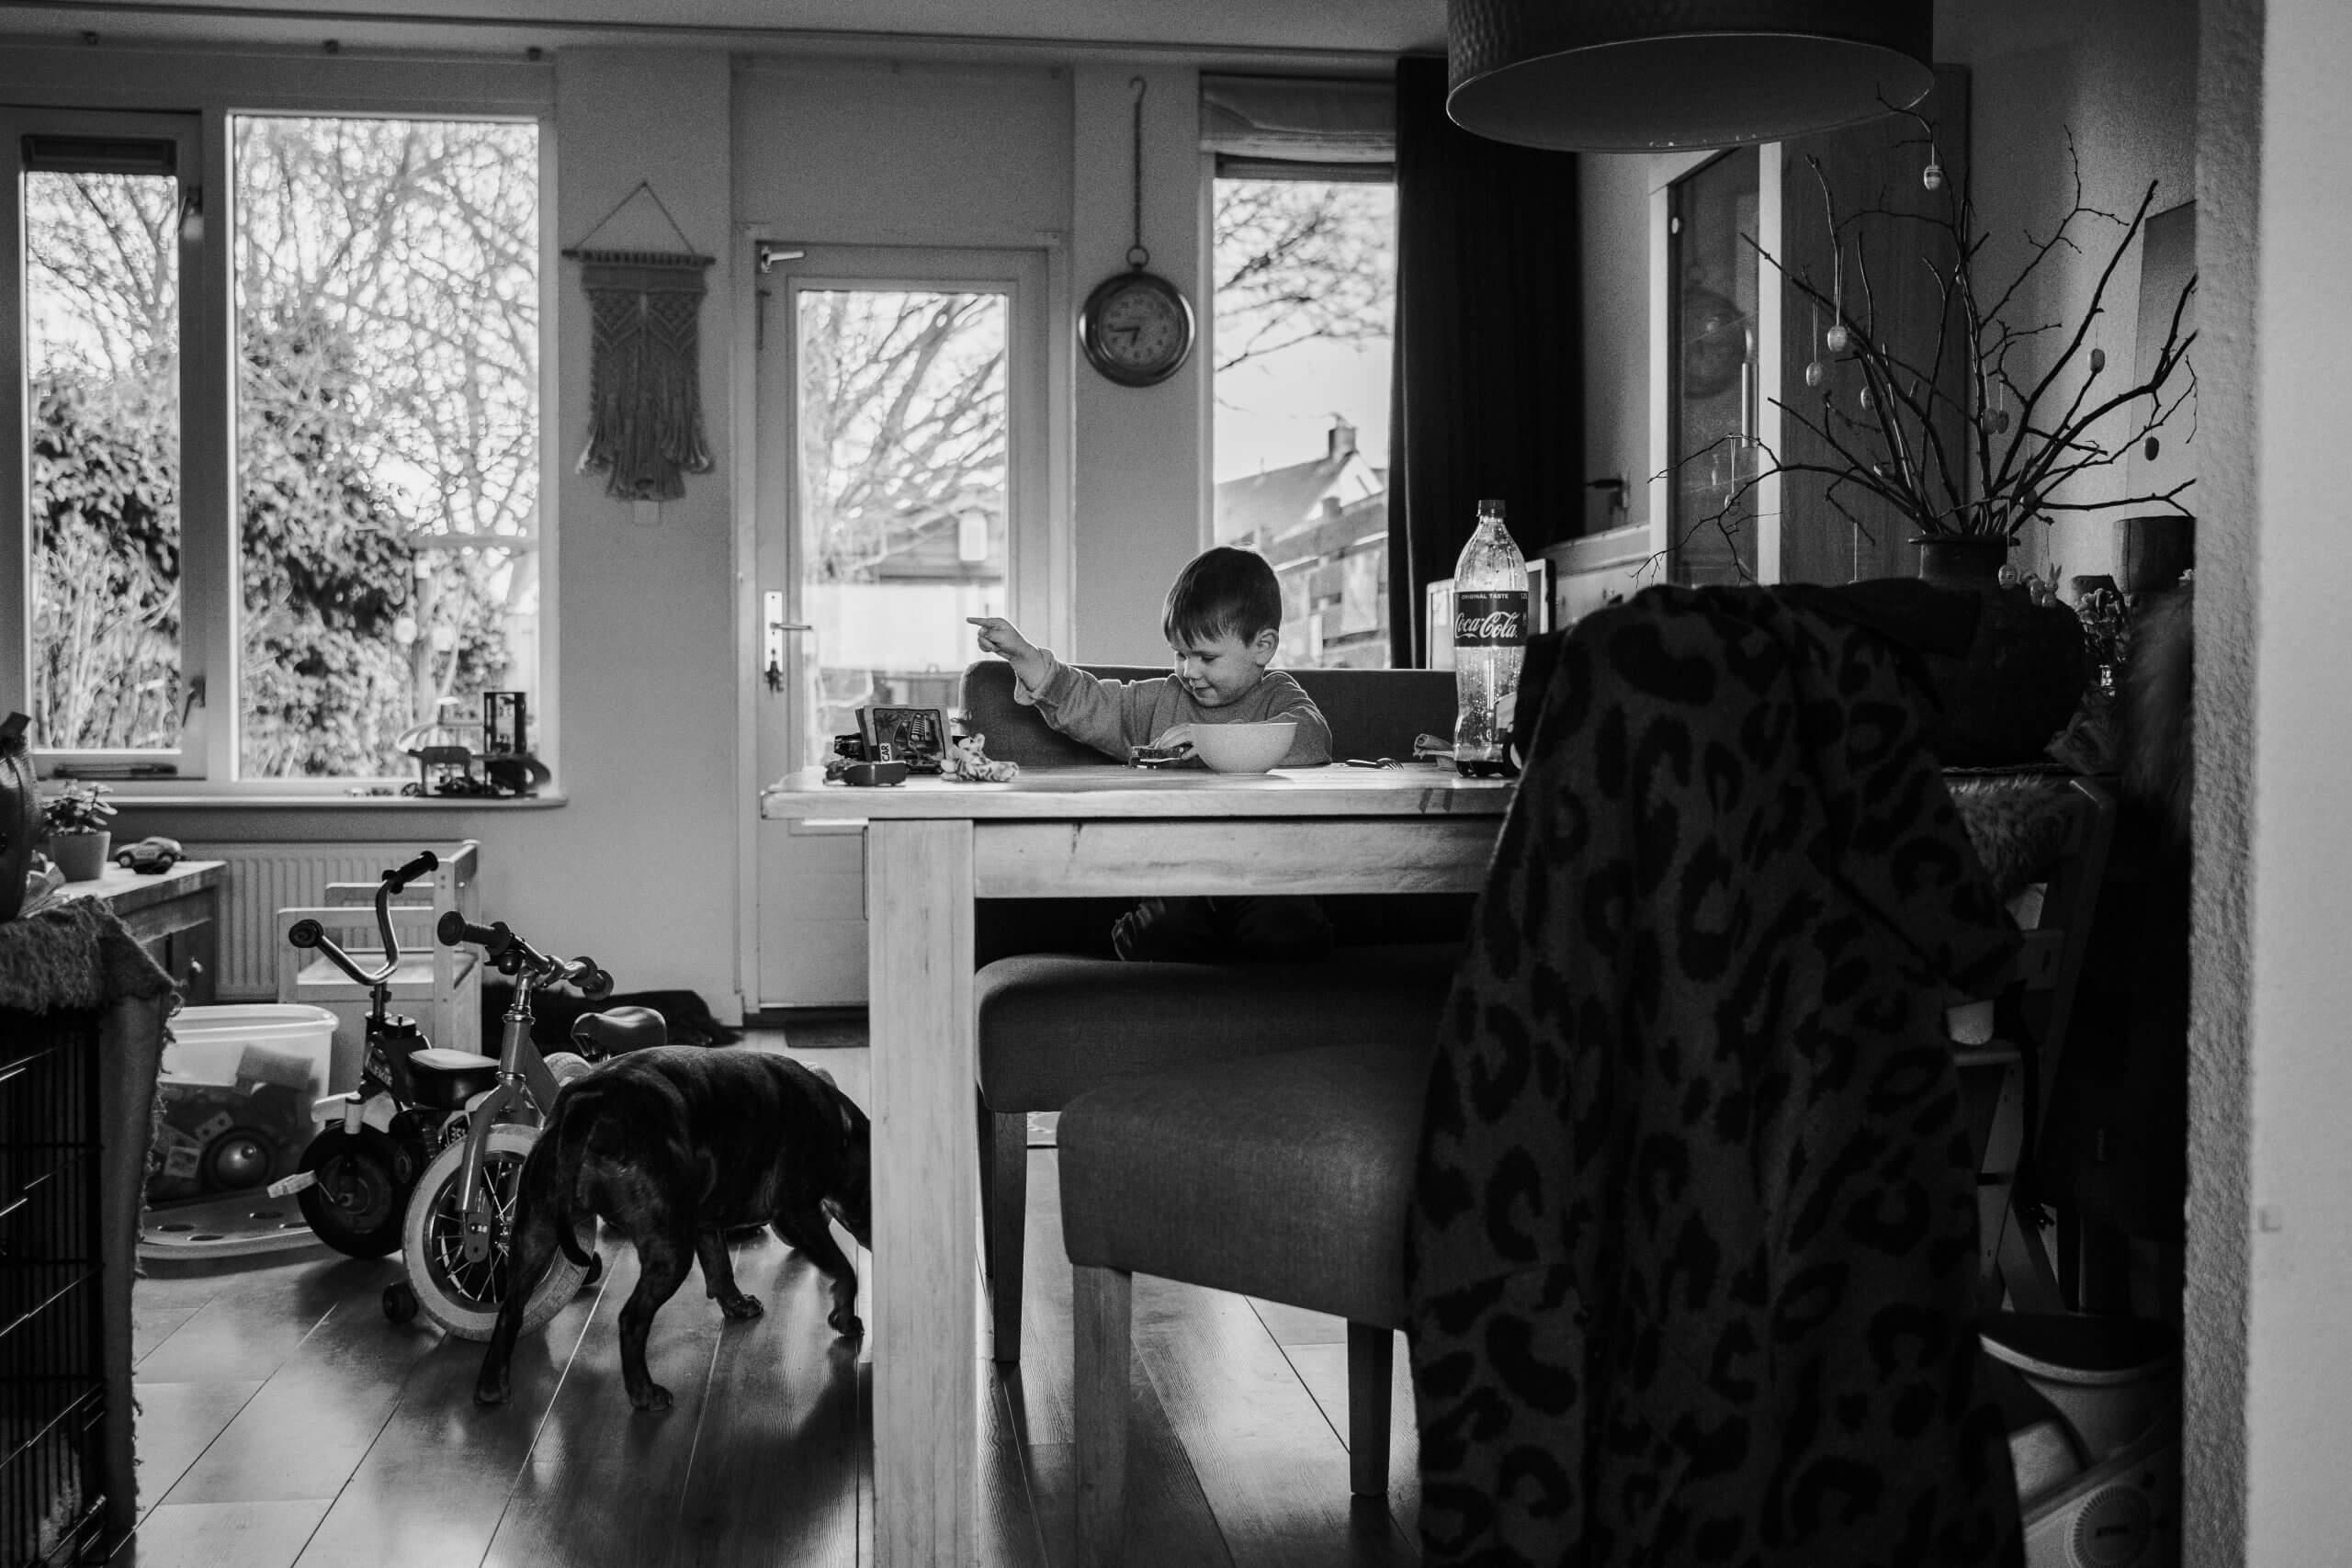 Day in the life zwart wit aanrecht keuken hond Wijk bij duurstede